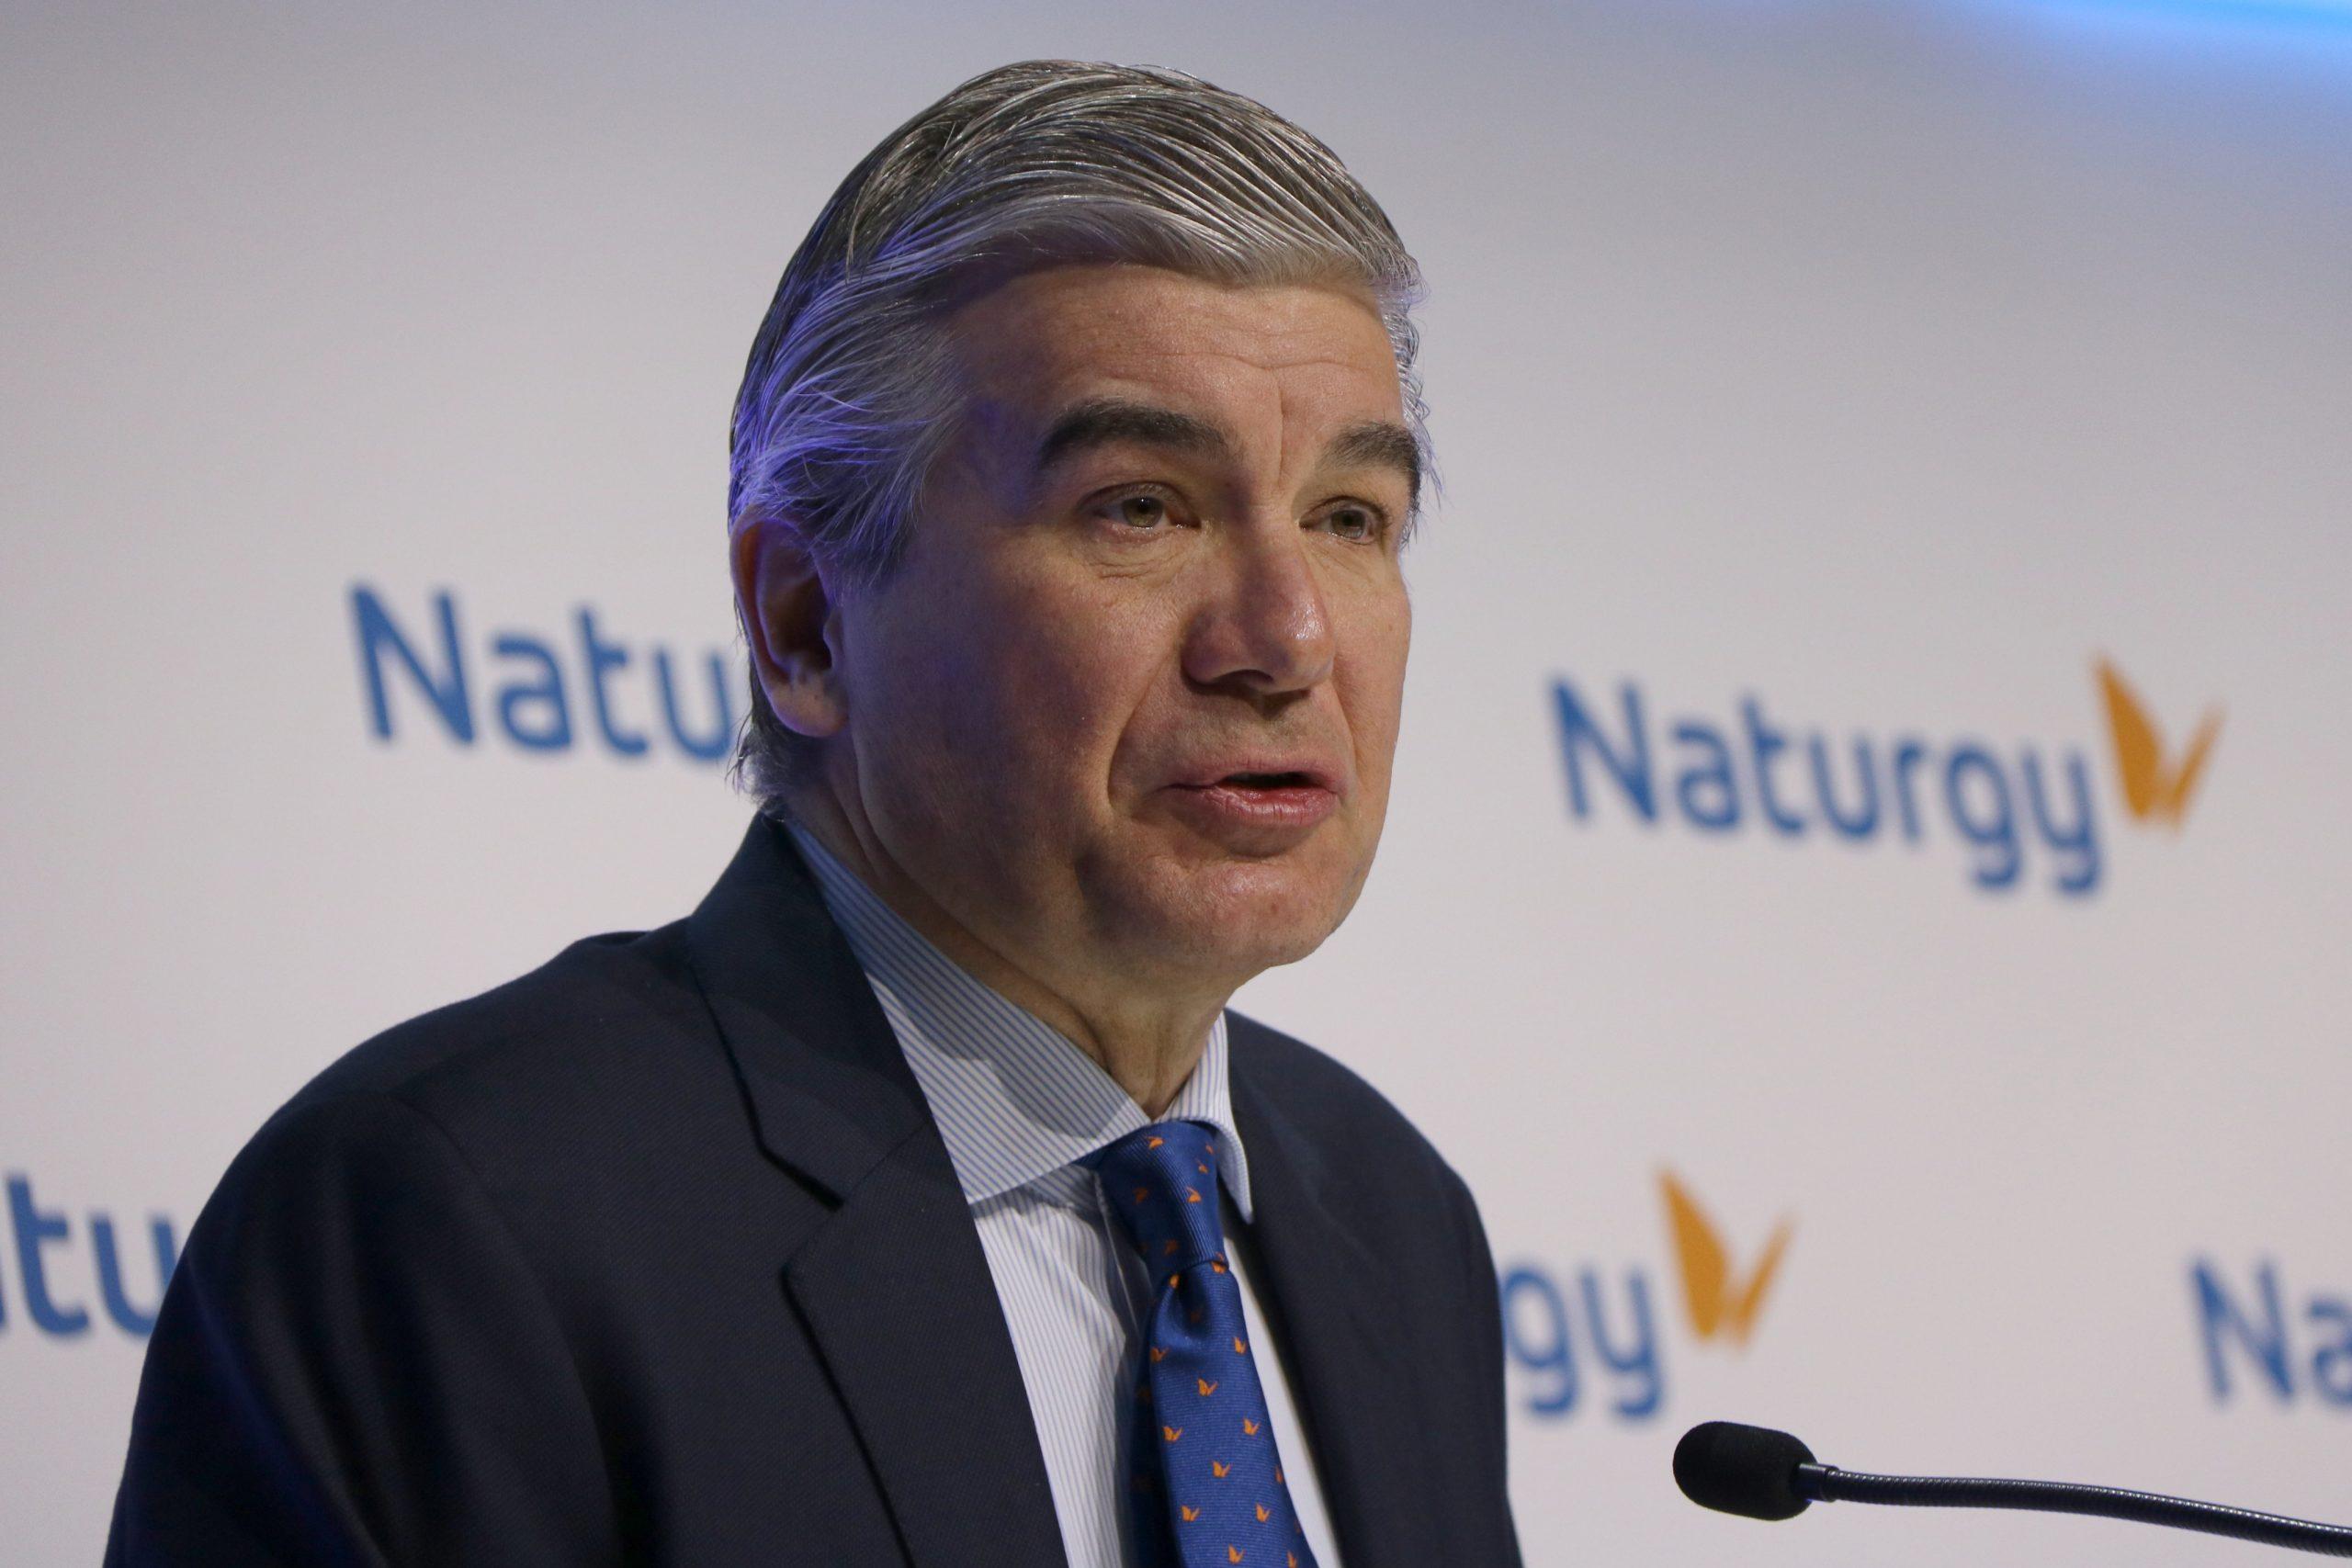 El president executiu de Naturgy, Francisco Reynés, en una imatge d'arxiu | ACN